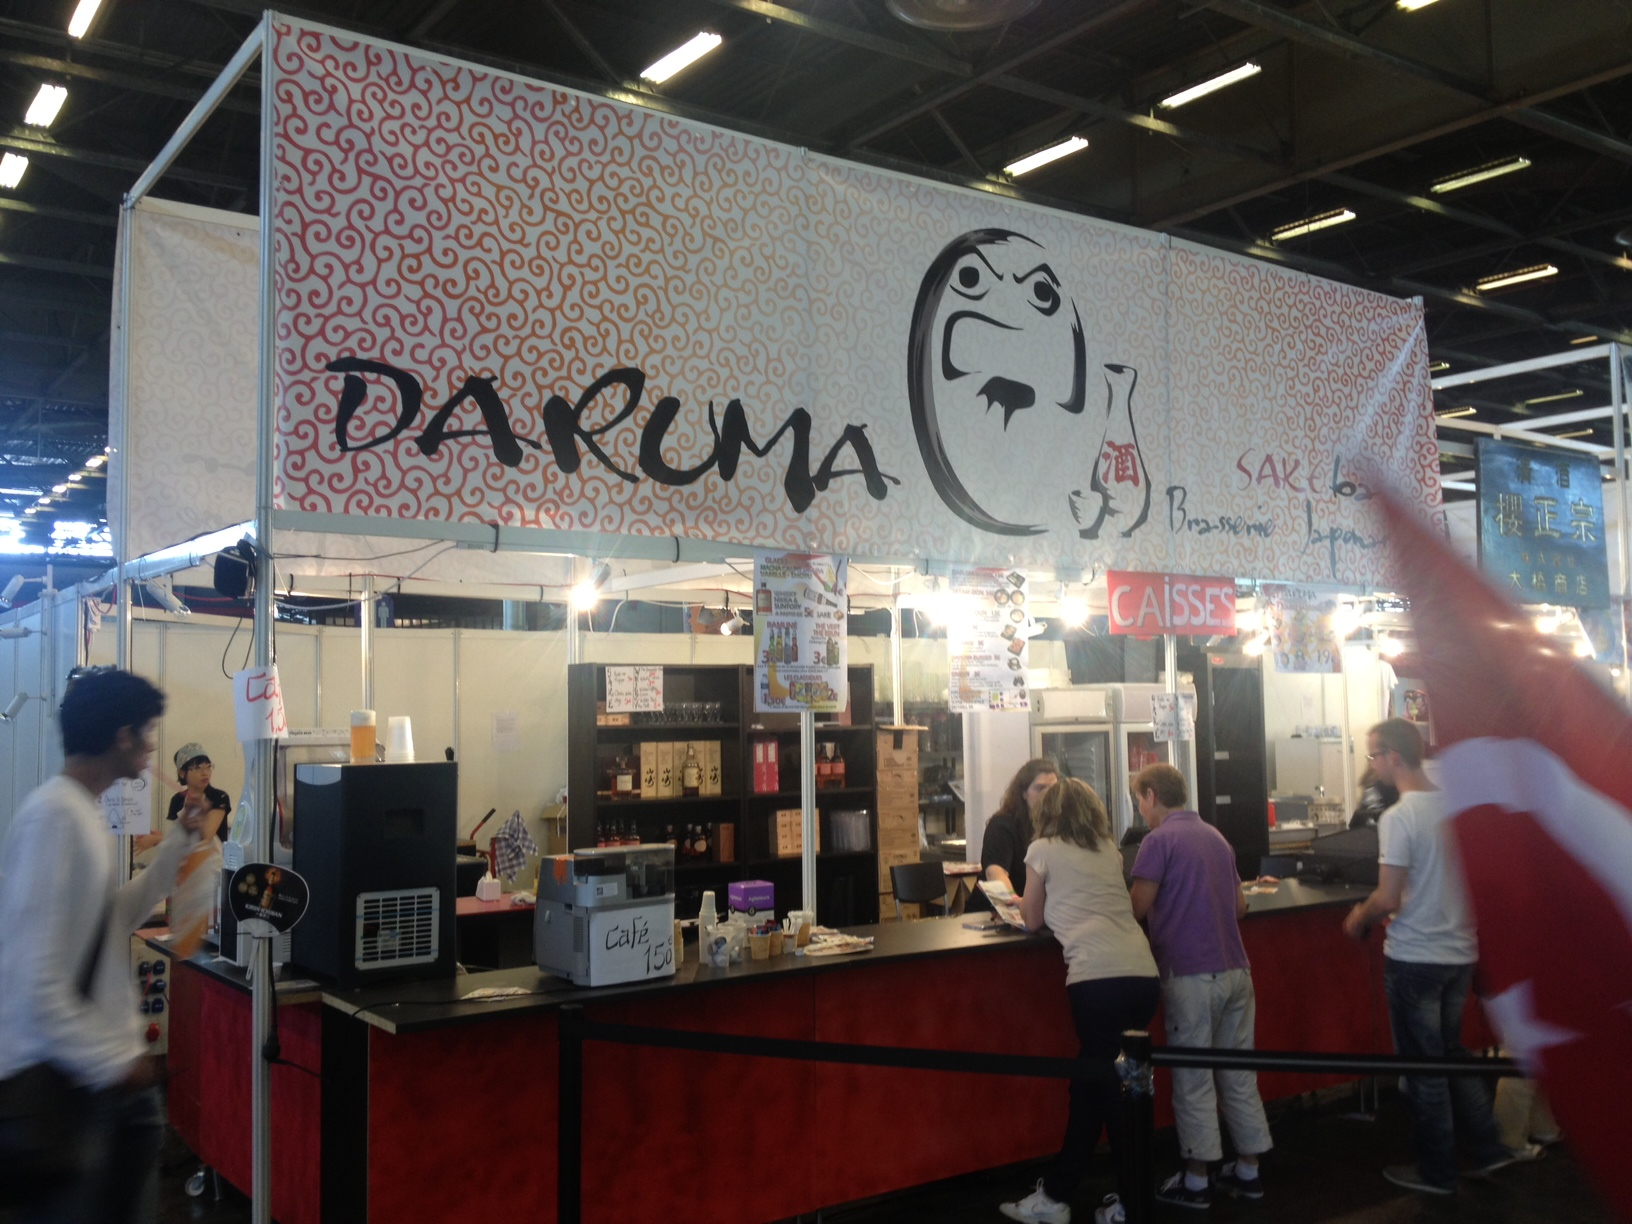 Daruma Japan Expo